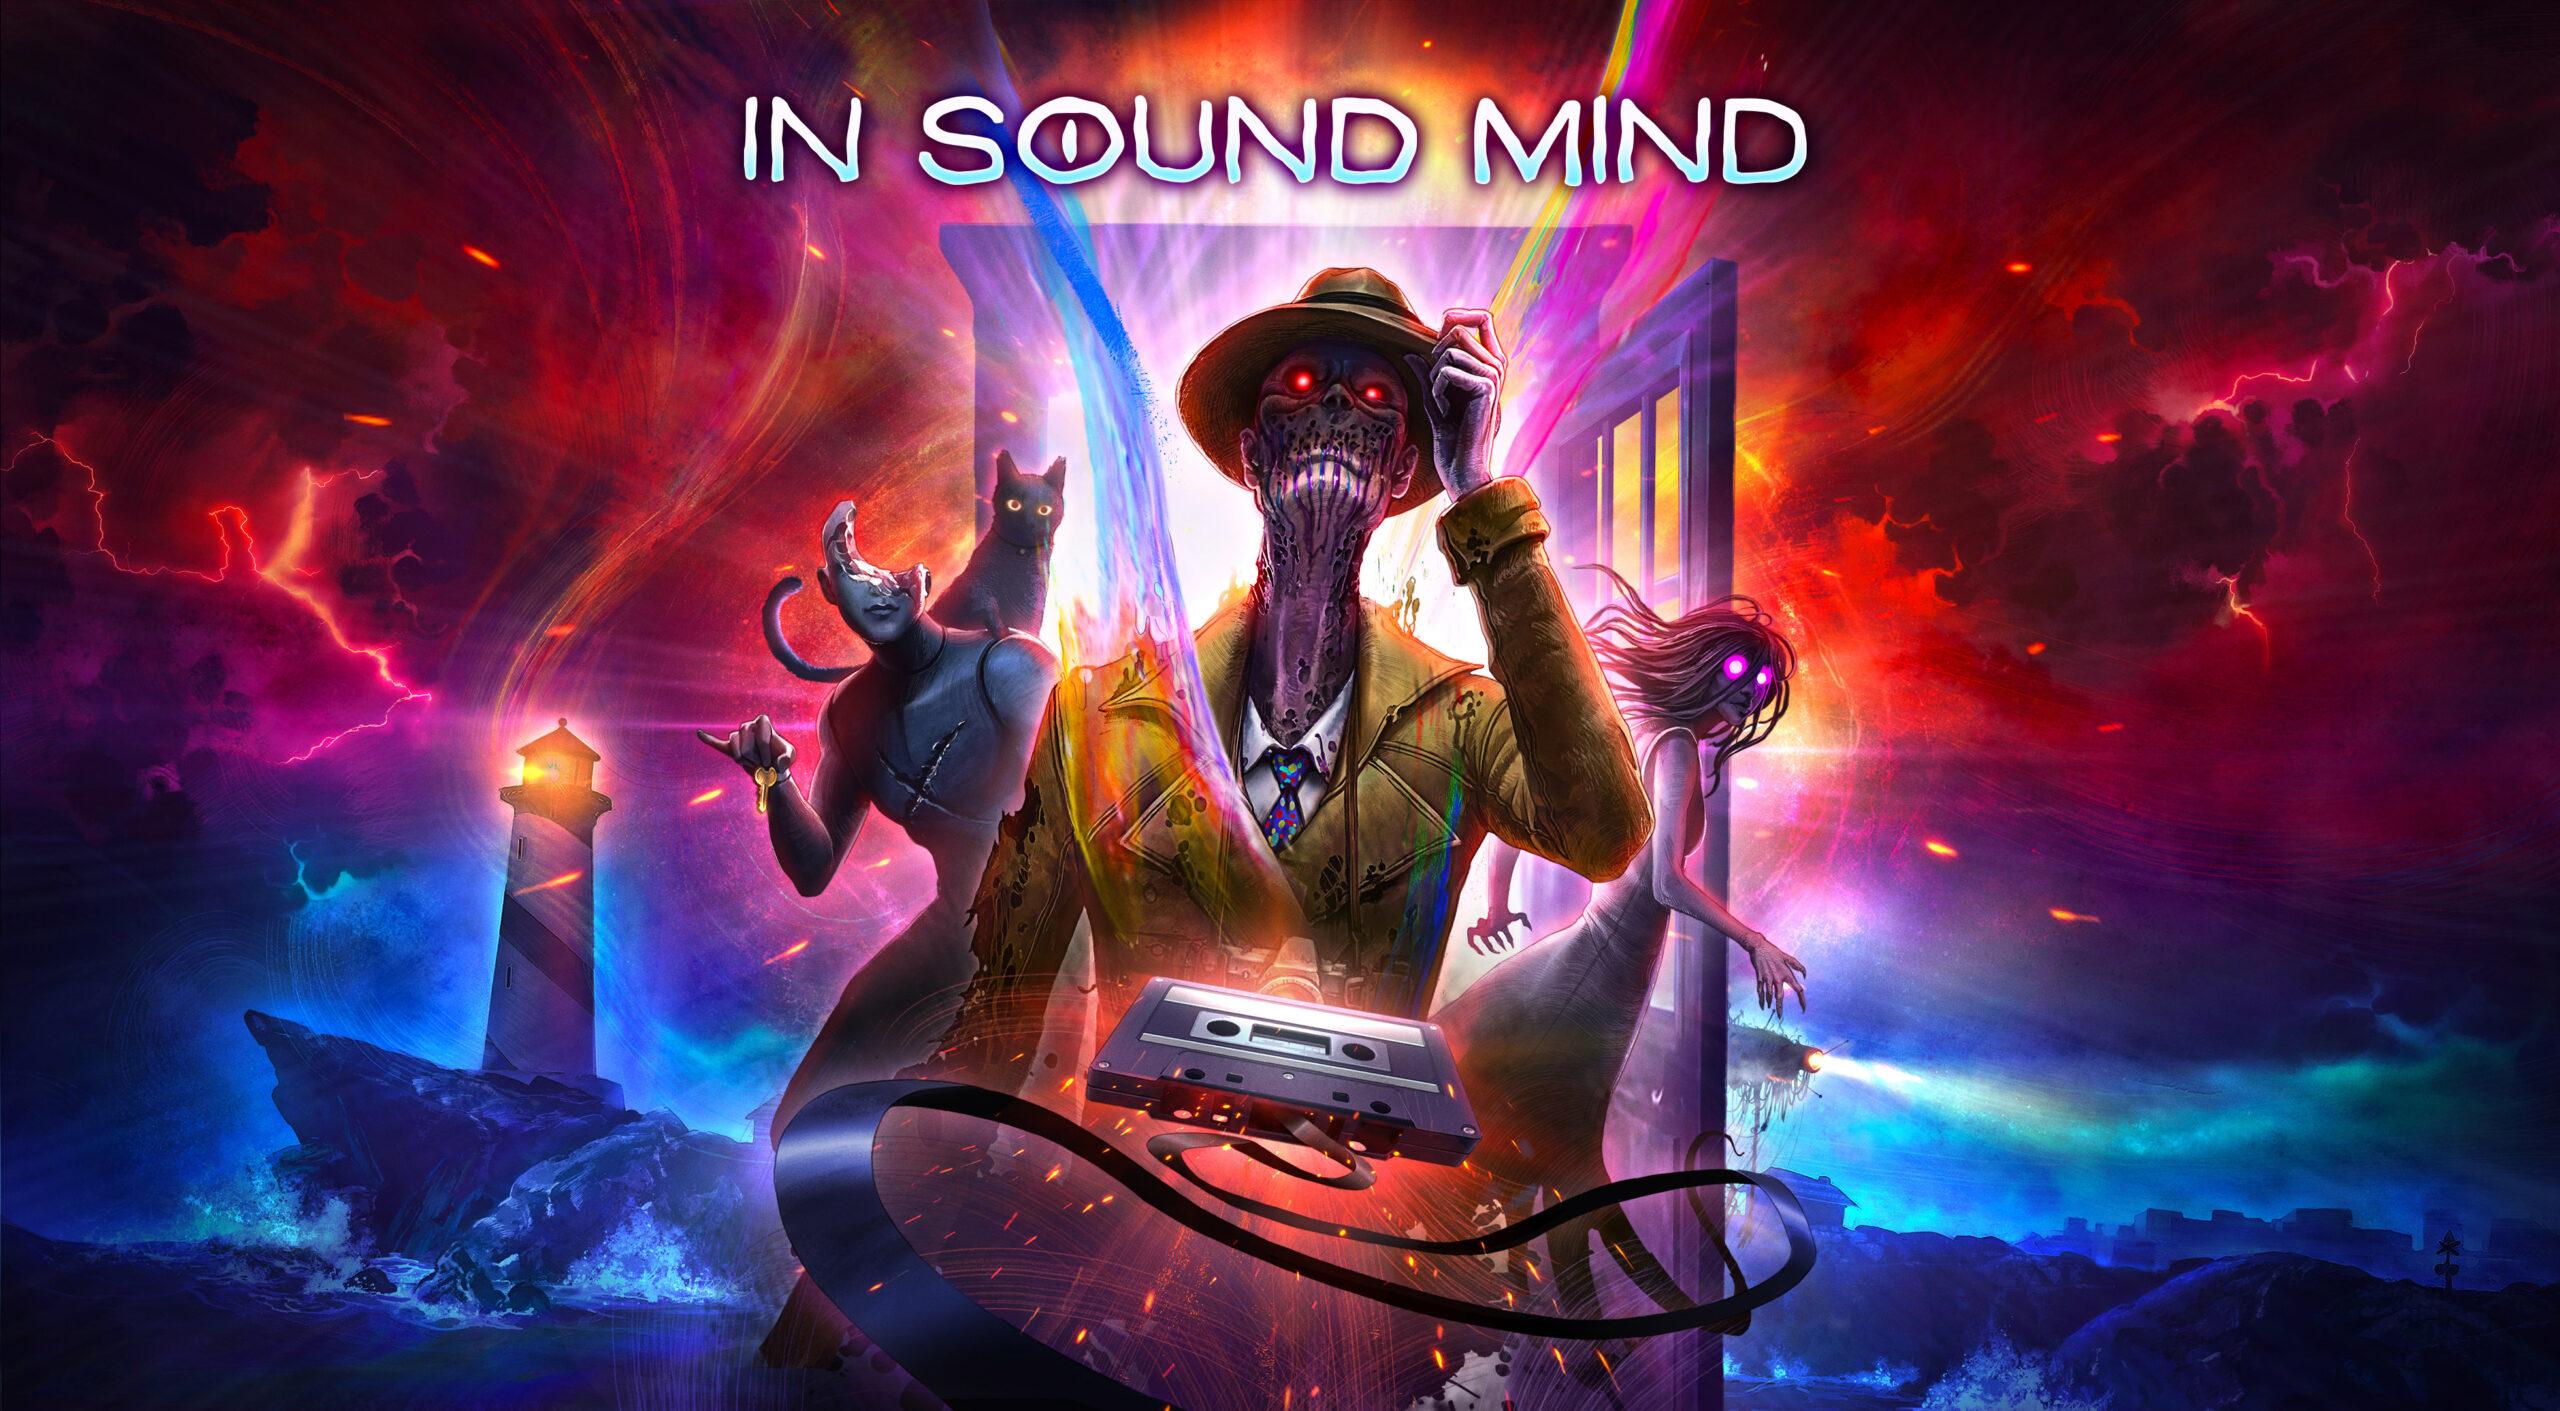 In-Sound-Mind_2021_02-23-21_001